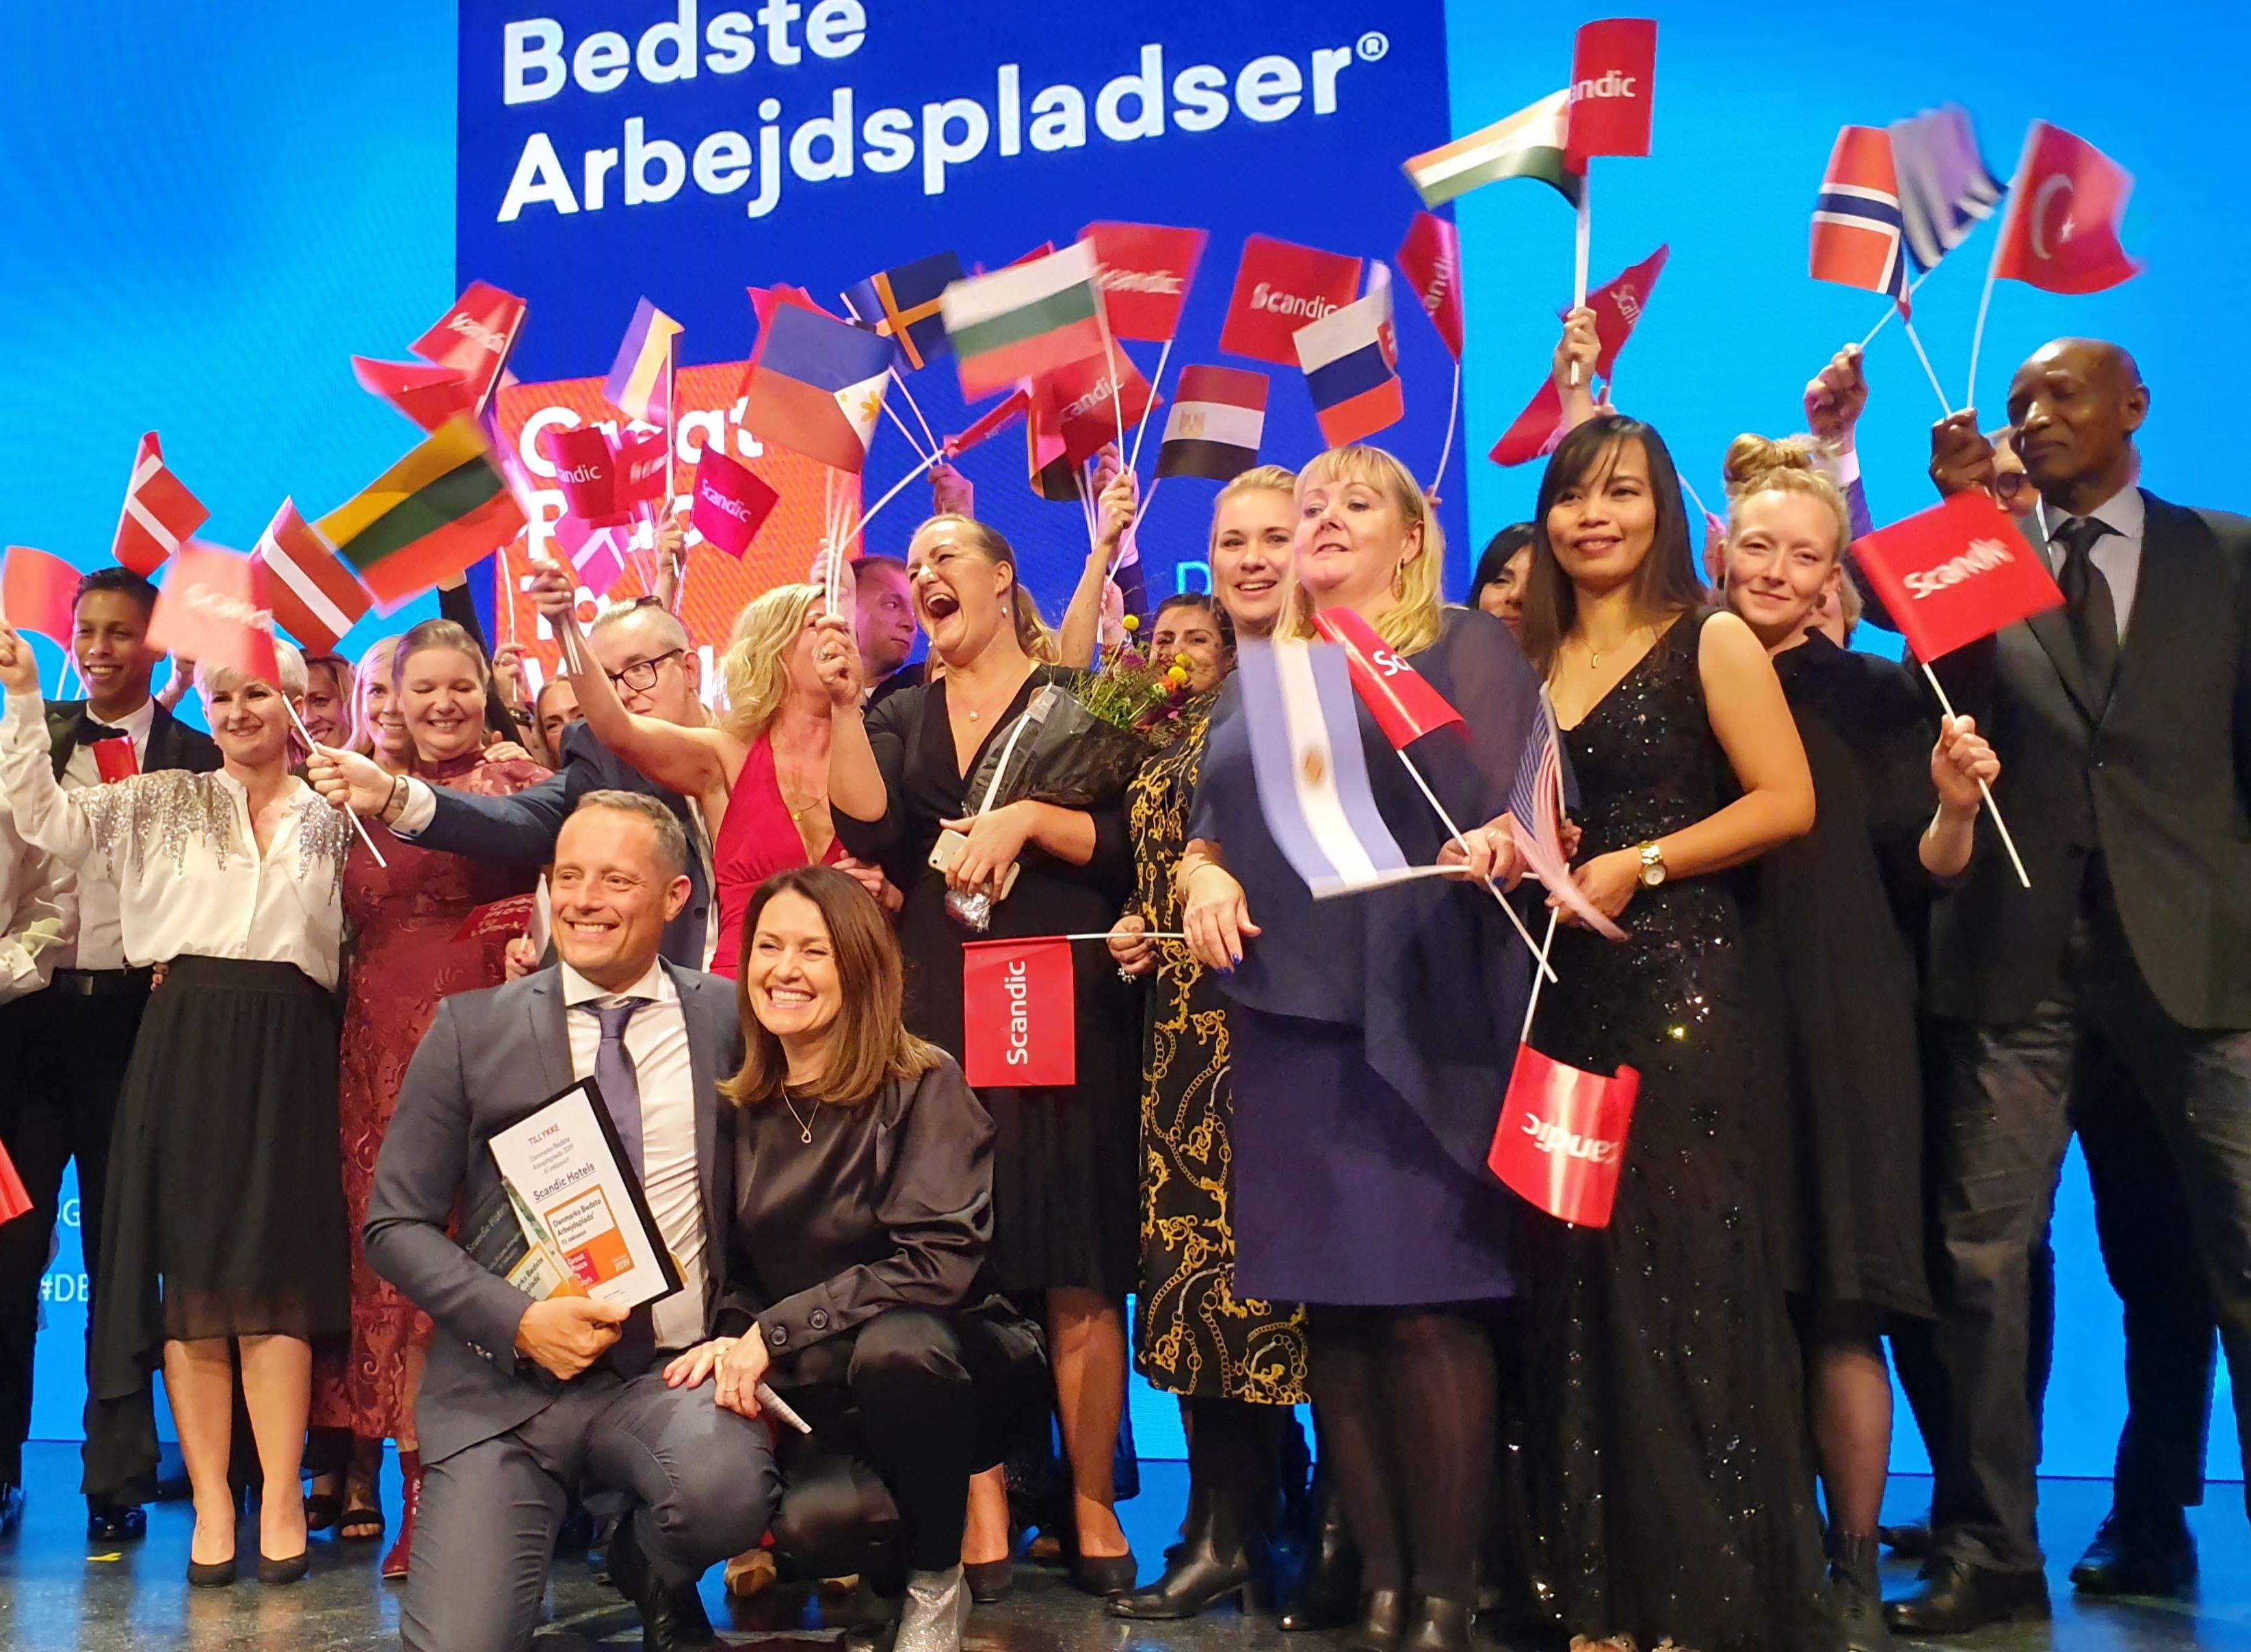 Scandic, Danmarks største hotelkæde, modtog igen i år prisen for bedst til inklusion – fra prisoverrækkelsen i aftes i Cirkusbygningen ses forrest Scandics administrerende direktør Søren Faerber og HR-direktør Anne Mette Pedersen, med en masse kolleger. Foto: Scandic.